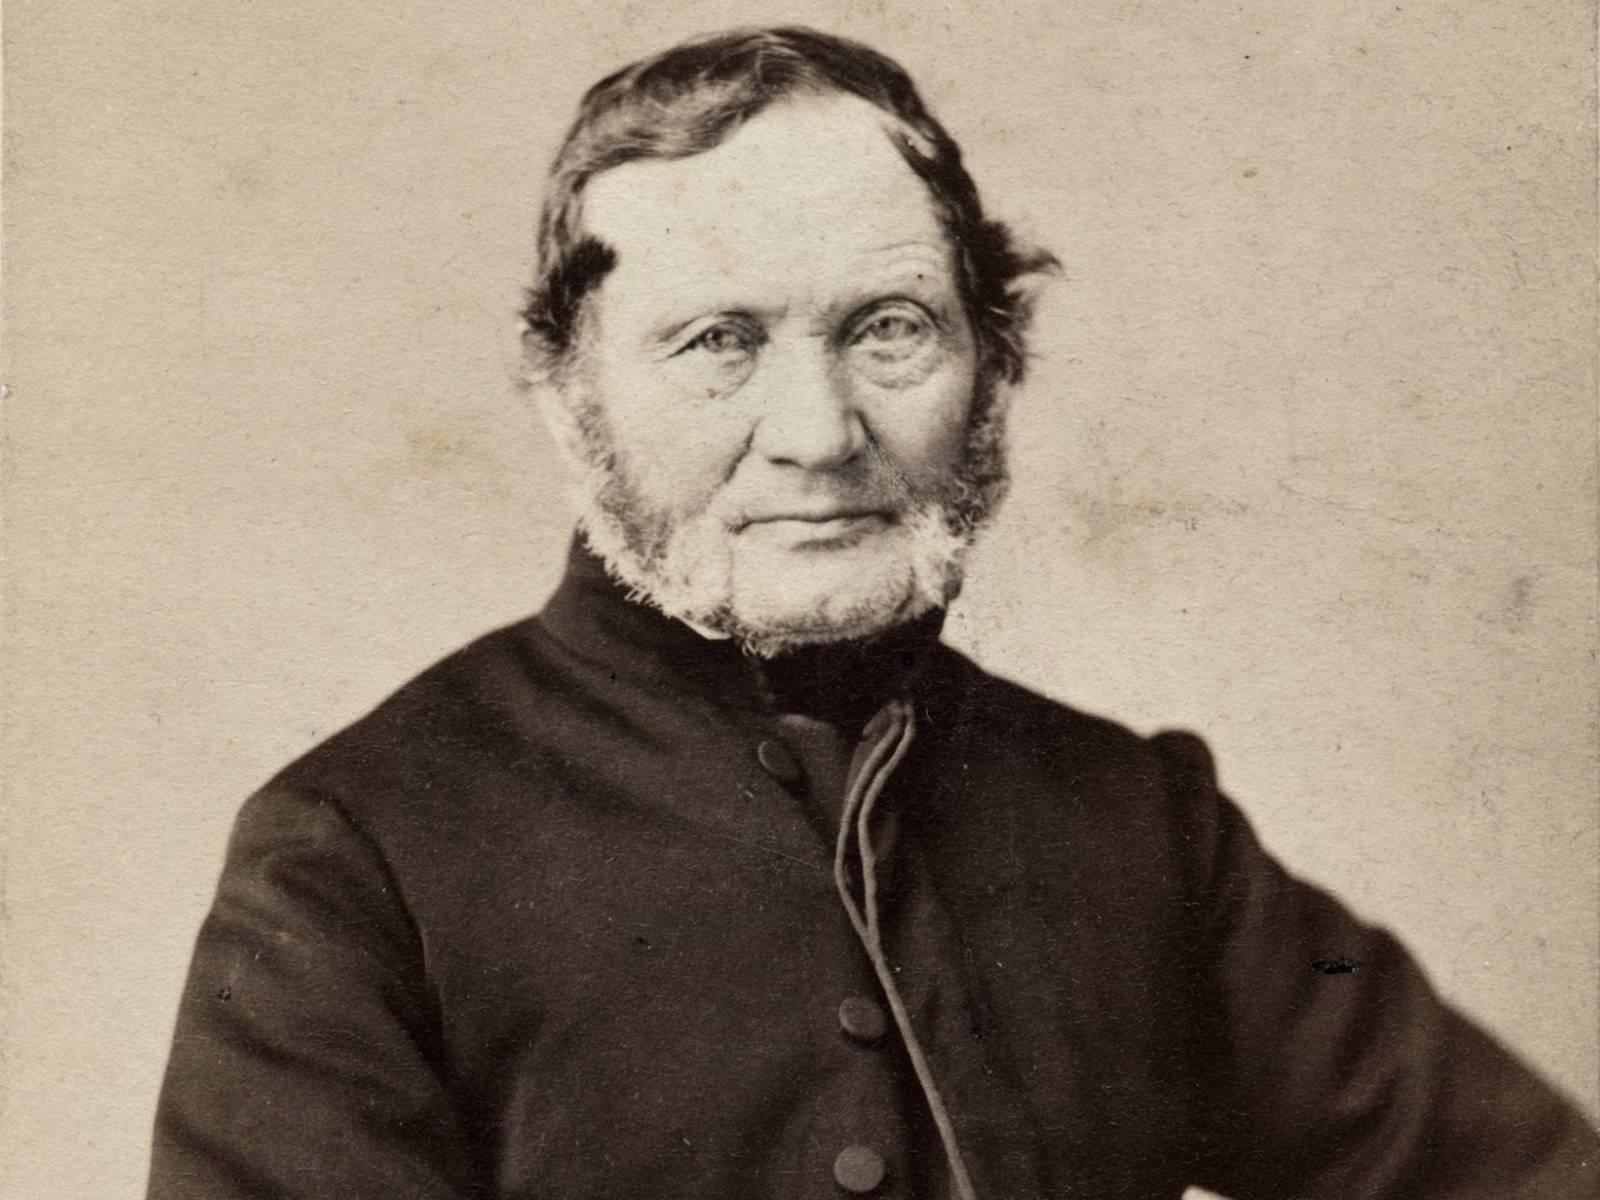 Historische Fotoaufnahme von Hermann Wilhelm Bödeker mit grauem Backenbart